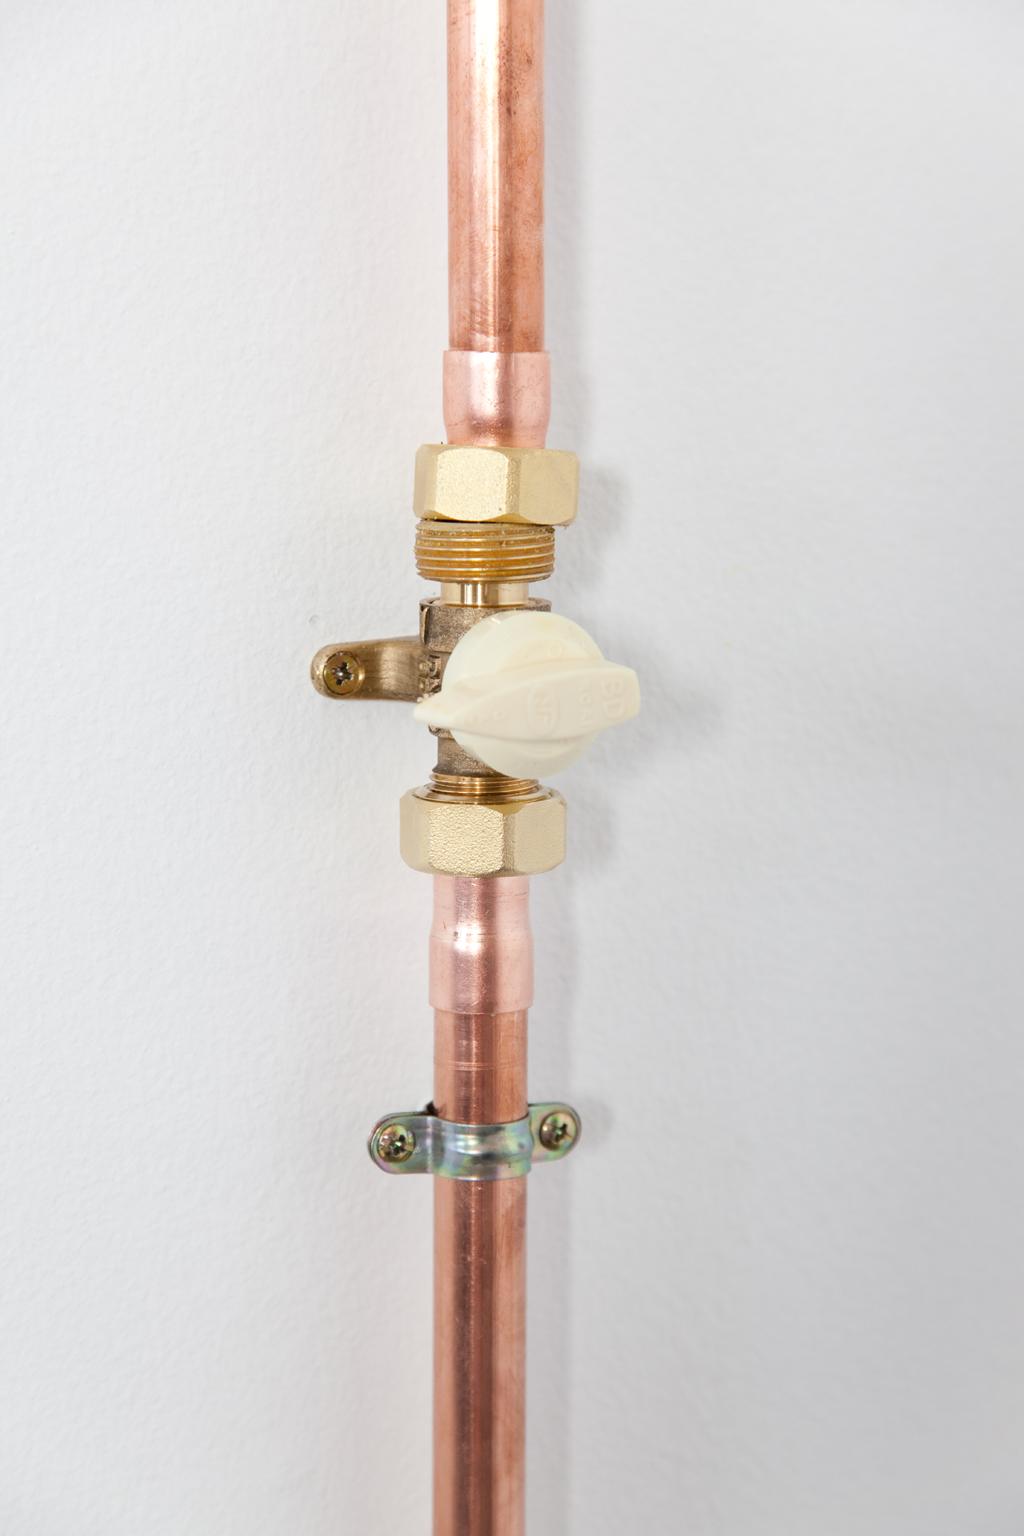 Rendre etanche des tuyaux de plomberie